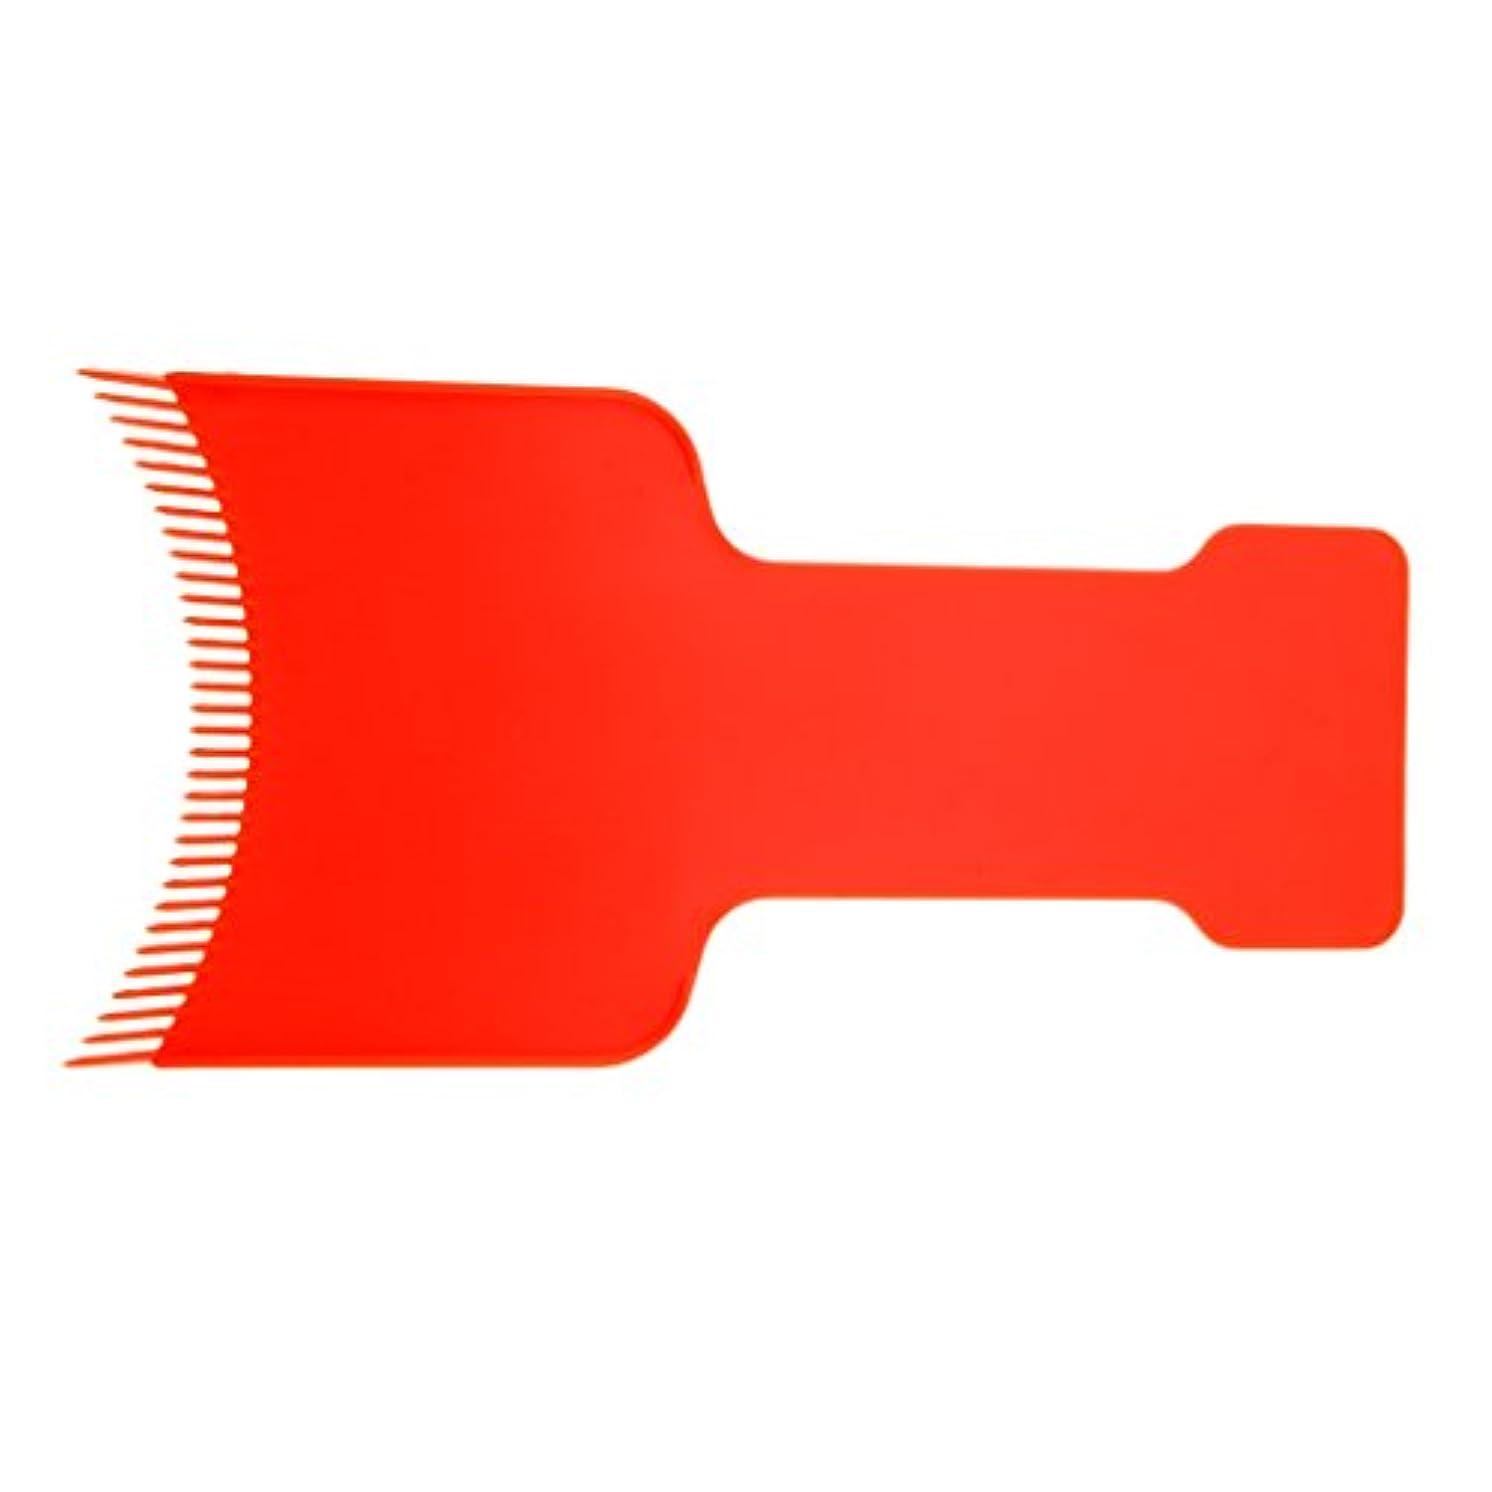 恐ろしいジュース王族Toygogo サロンヘアカラーボード|染毛剤プレート|理髪理髪ヘアカラーボード19x9.5 Cm